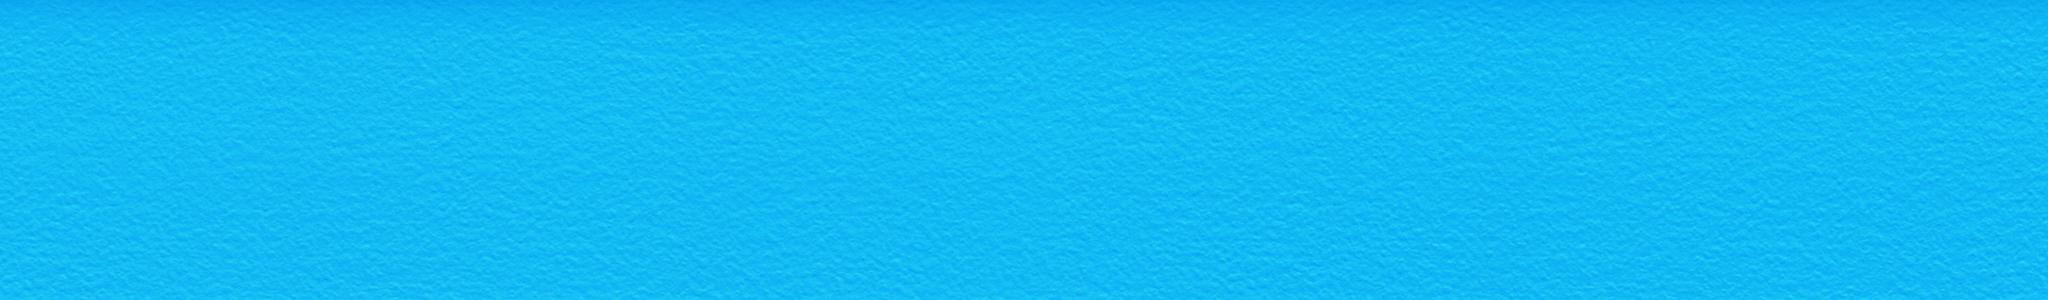 HU 15245 кромка ABS синяя жемчуг тонкая структура 107